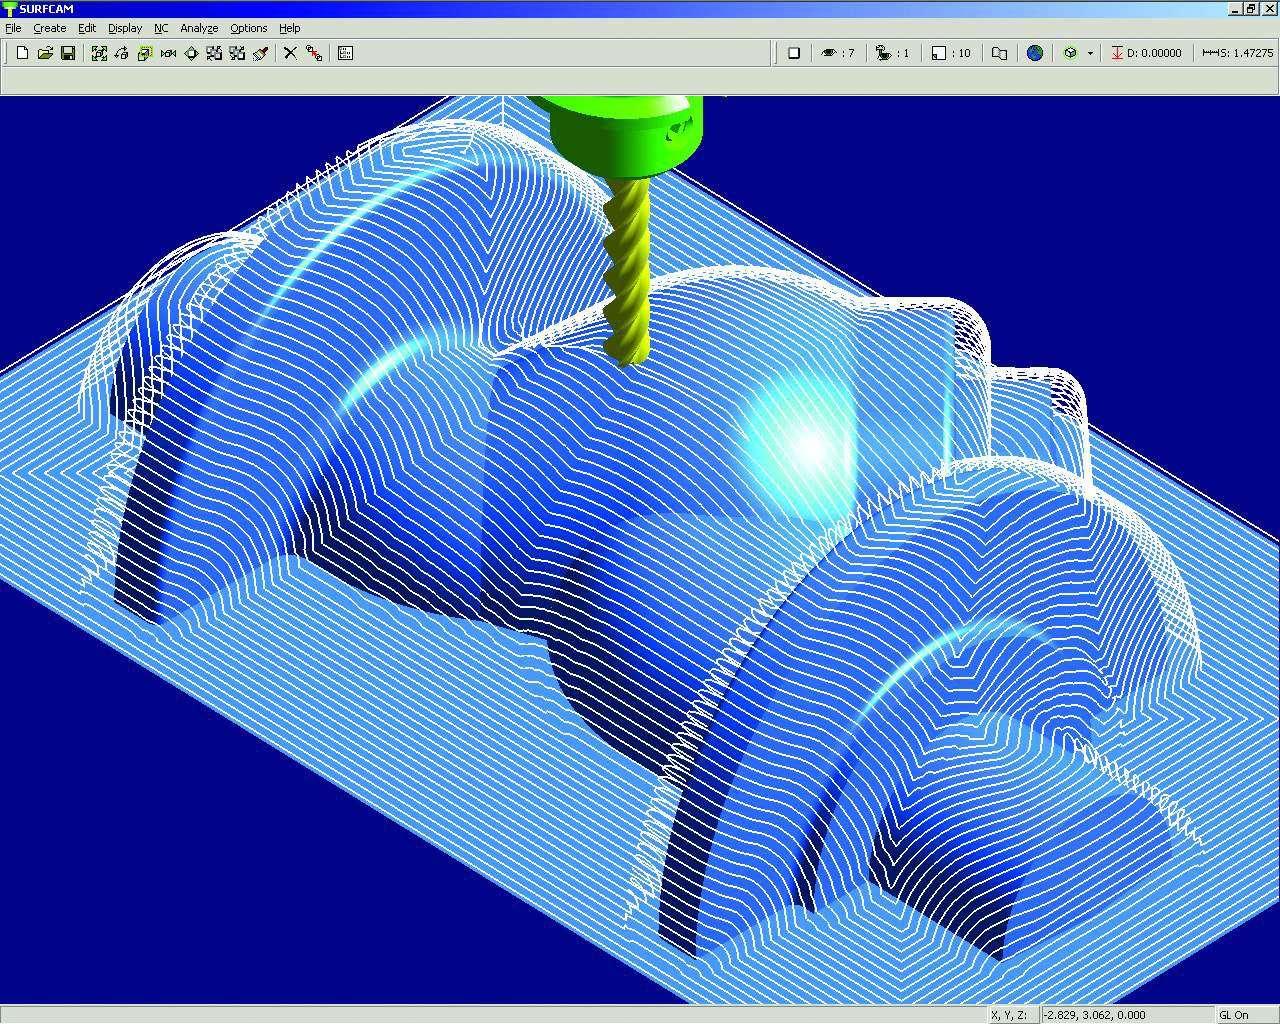 Vero Software Acquires Surfcam